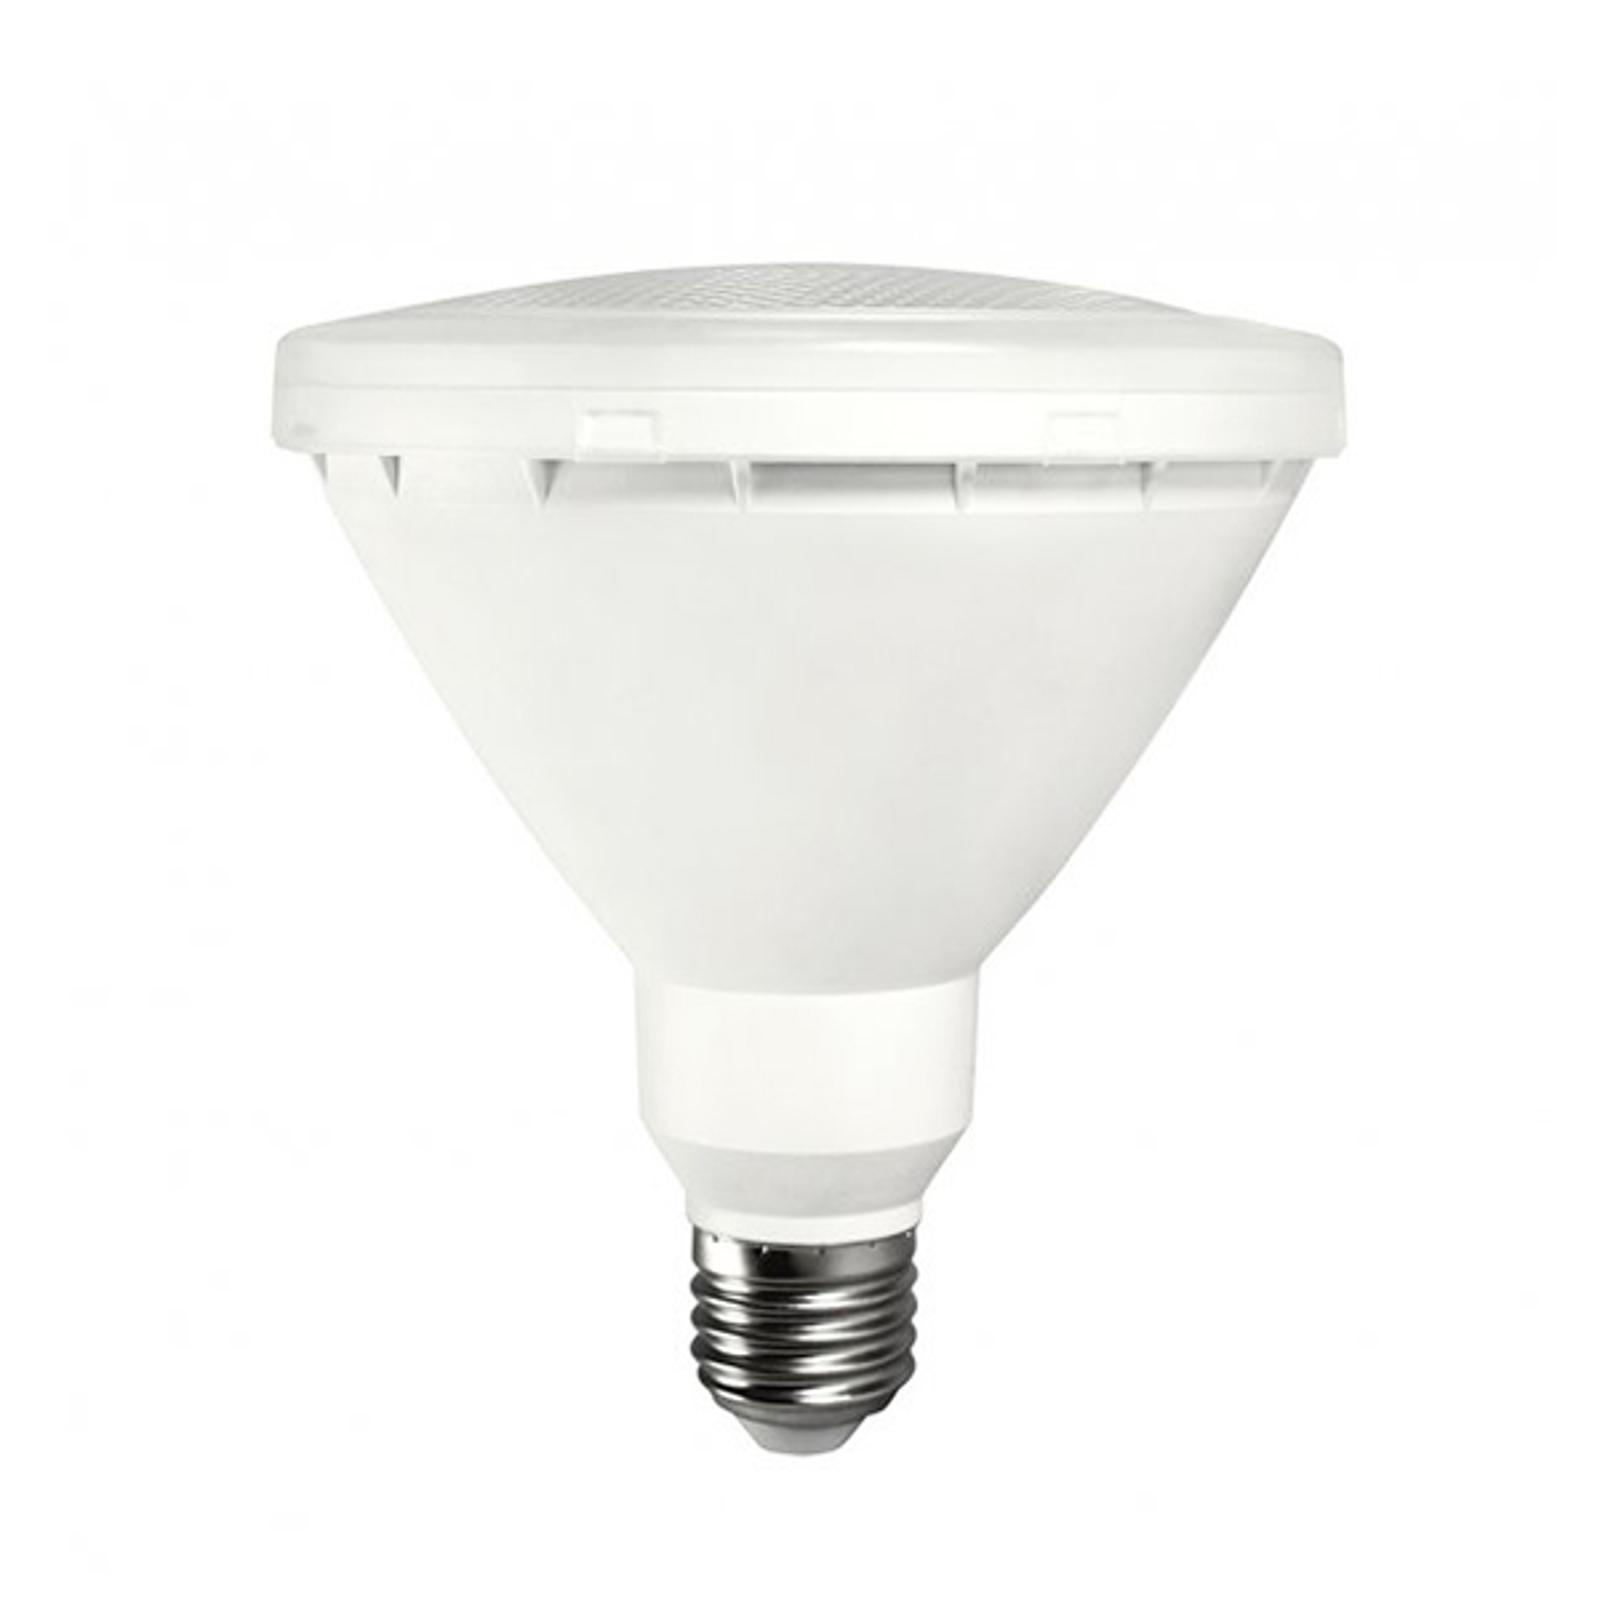 E27 15 W LED-reflektorlampa RODERPAR38 vattentät